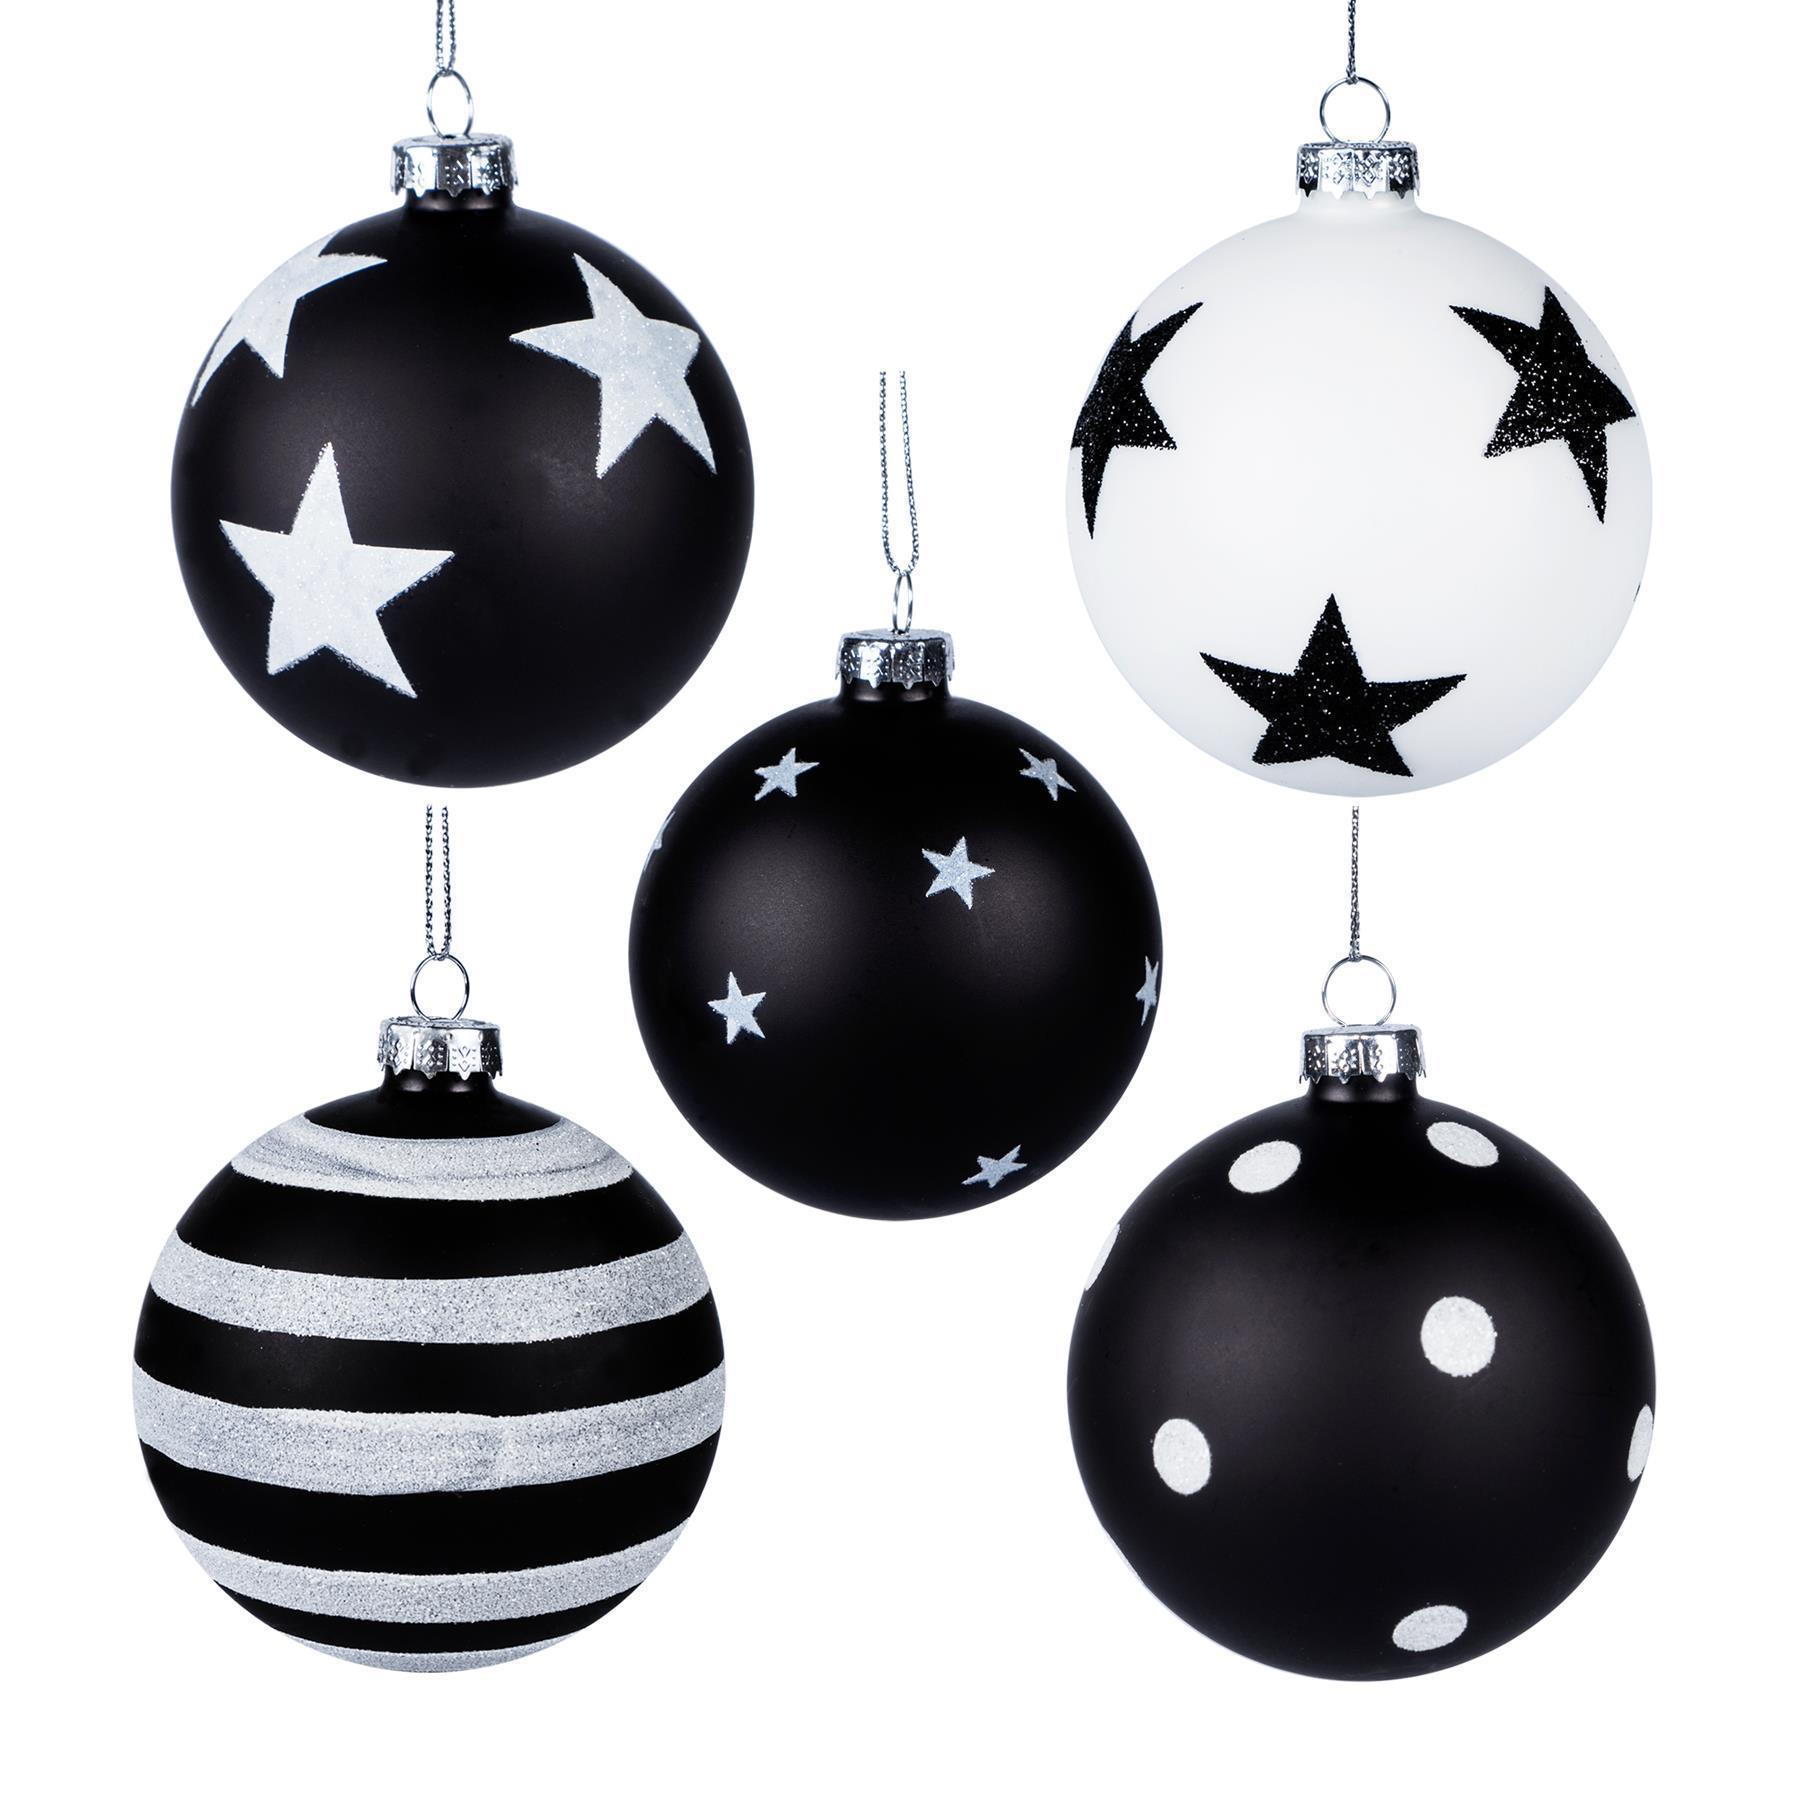 Weihnachten Schwarz Weiß Bilder.Details Zu Glaskugel Black White Stars Schwarz Weiß Gliter Stern Deko Weihnachten X Mas